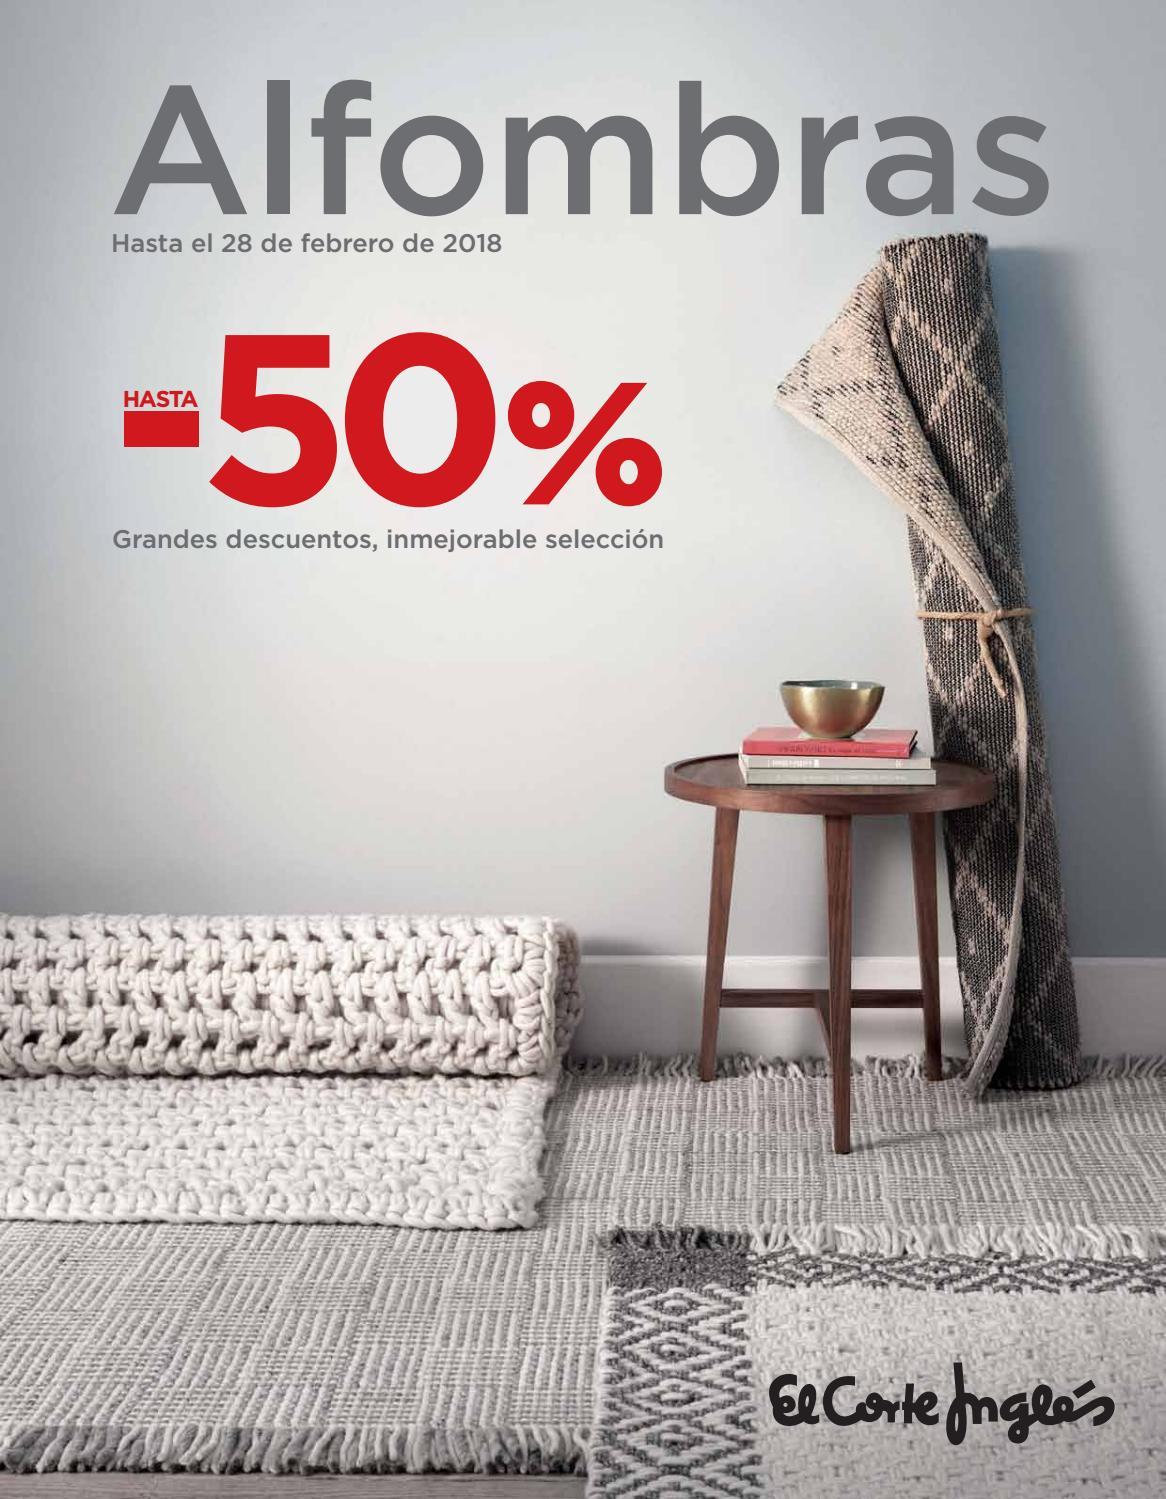 El corte ingles alfombras by Ofertas Supermercados - Issuu